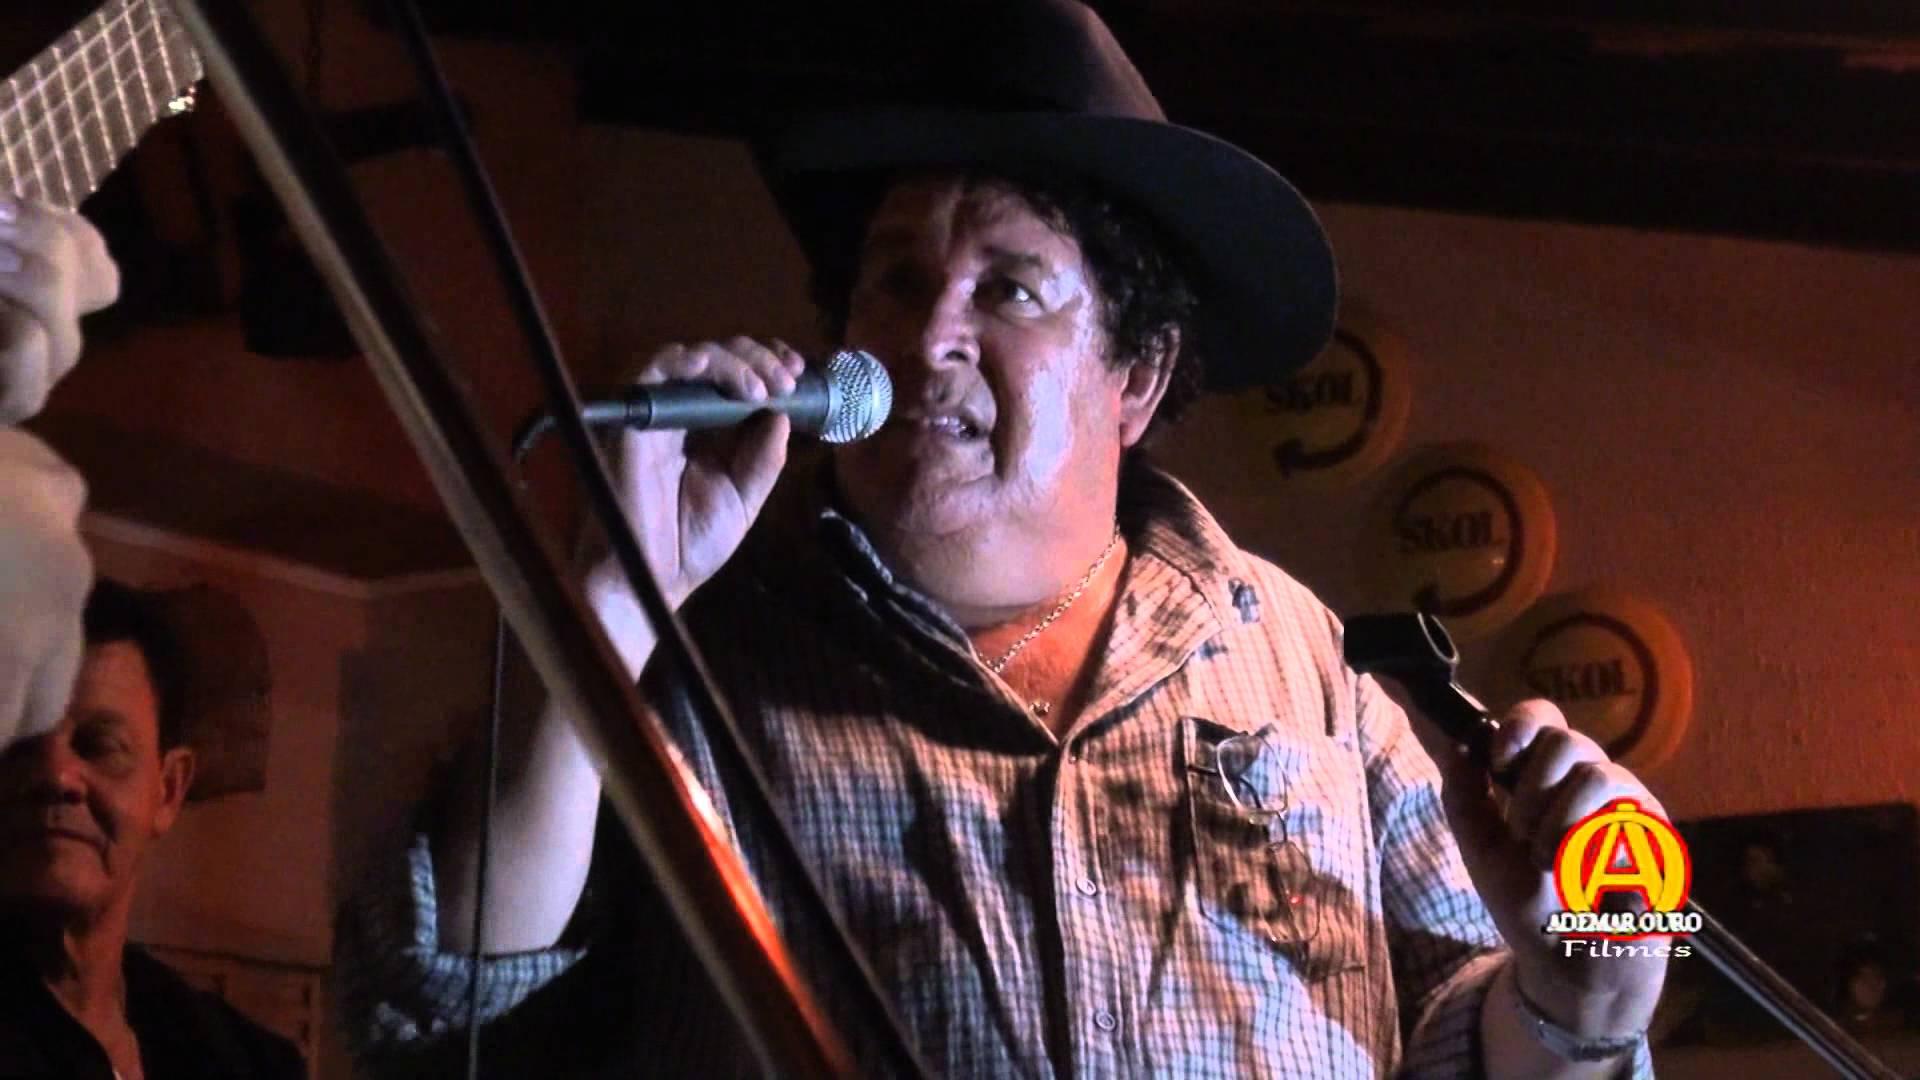 Morre o cantor sertanejo Amaraí, autor e intérprete da música Saudade de Minha Terra